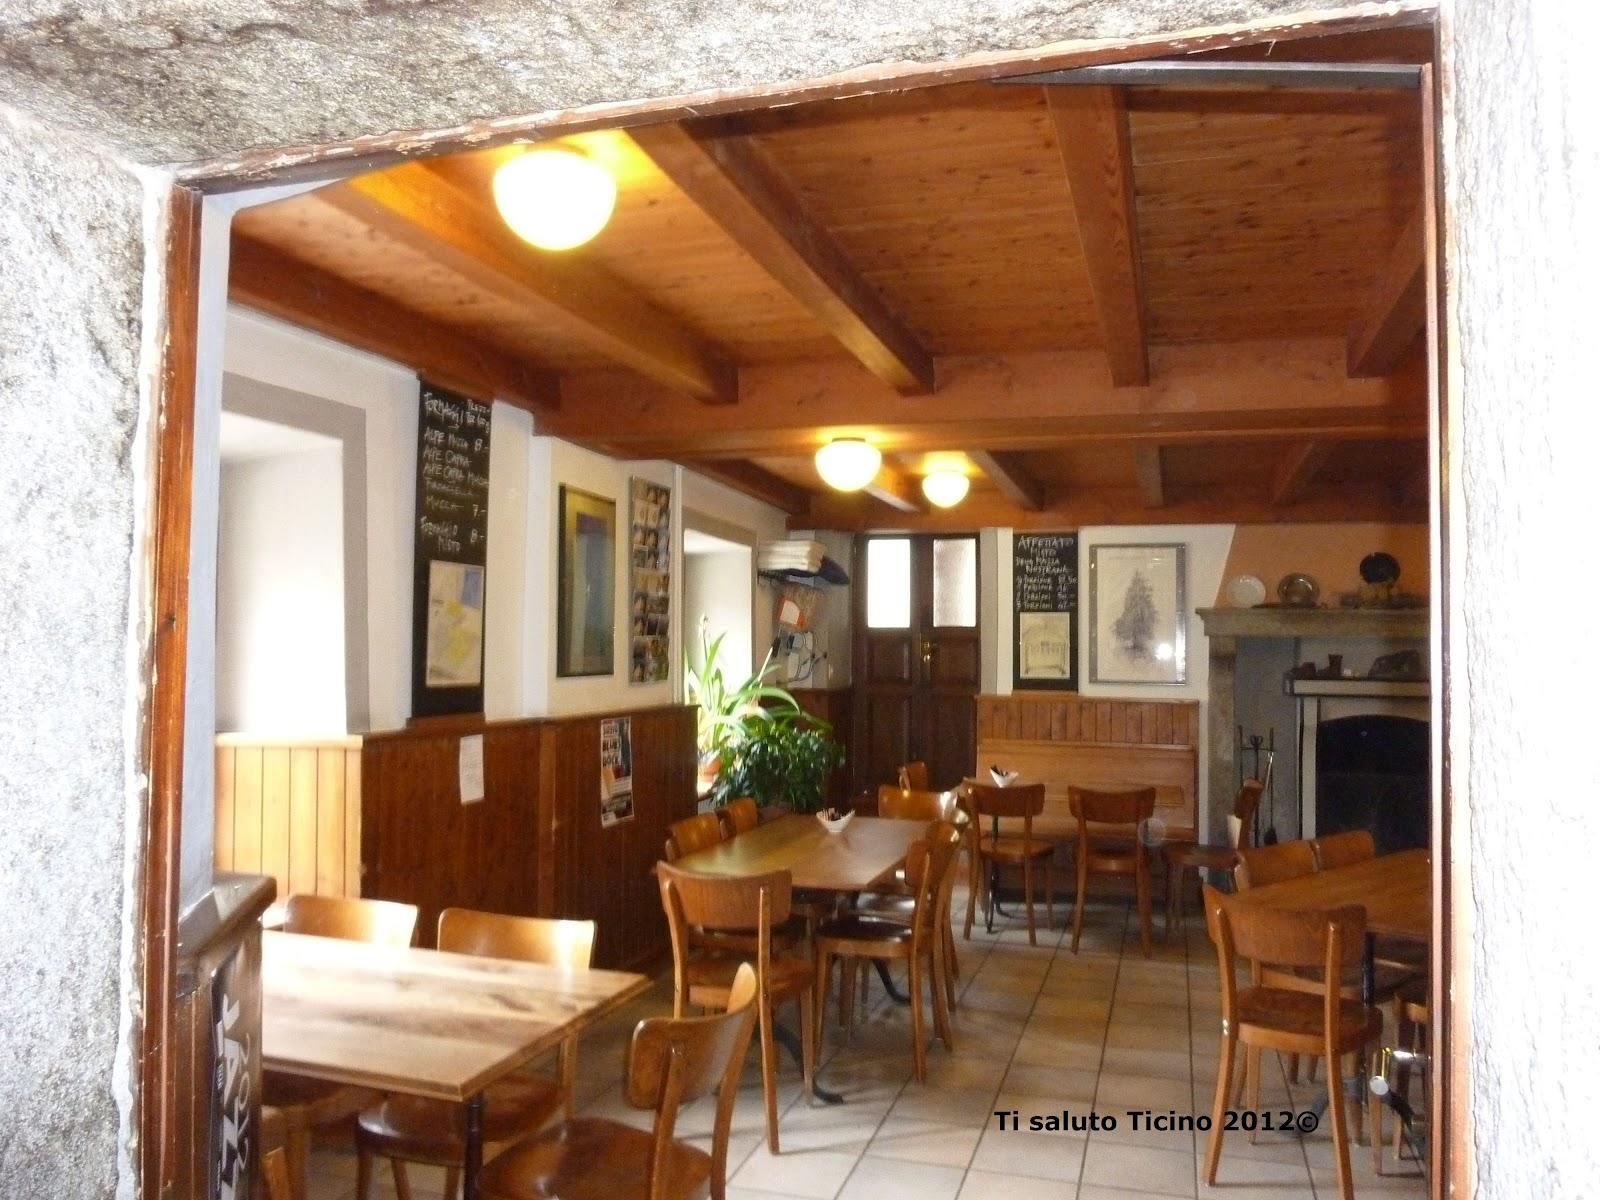 Ti Saluto Ticino: Osteria Centrale, Olivone, Valle di Blenio